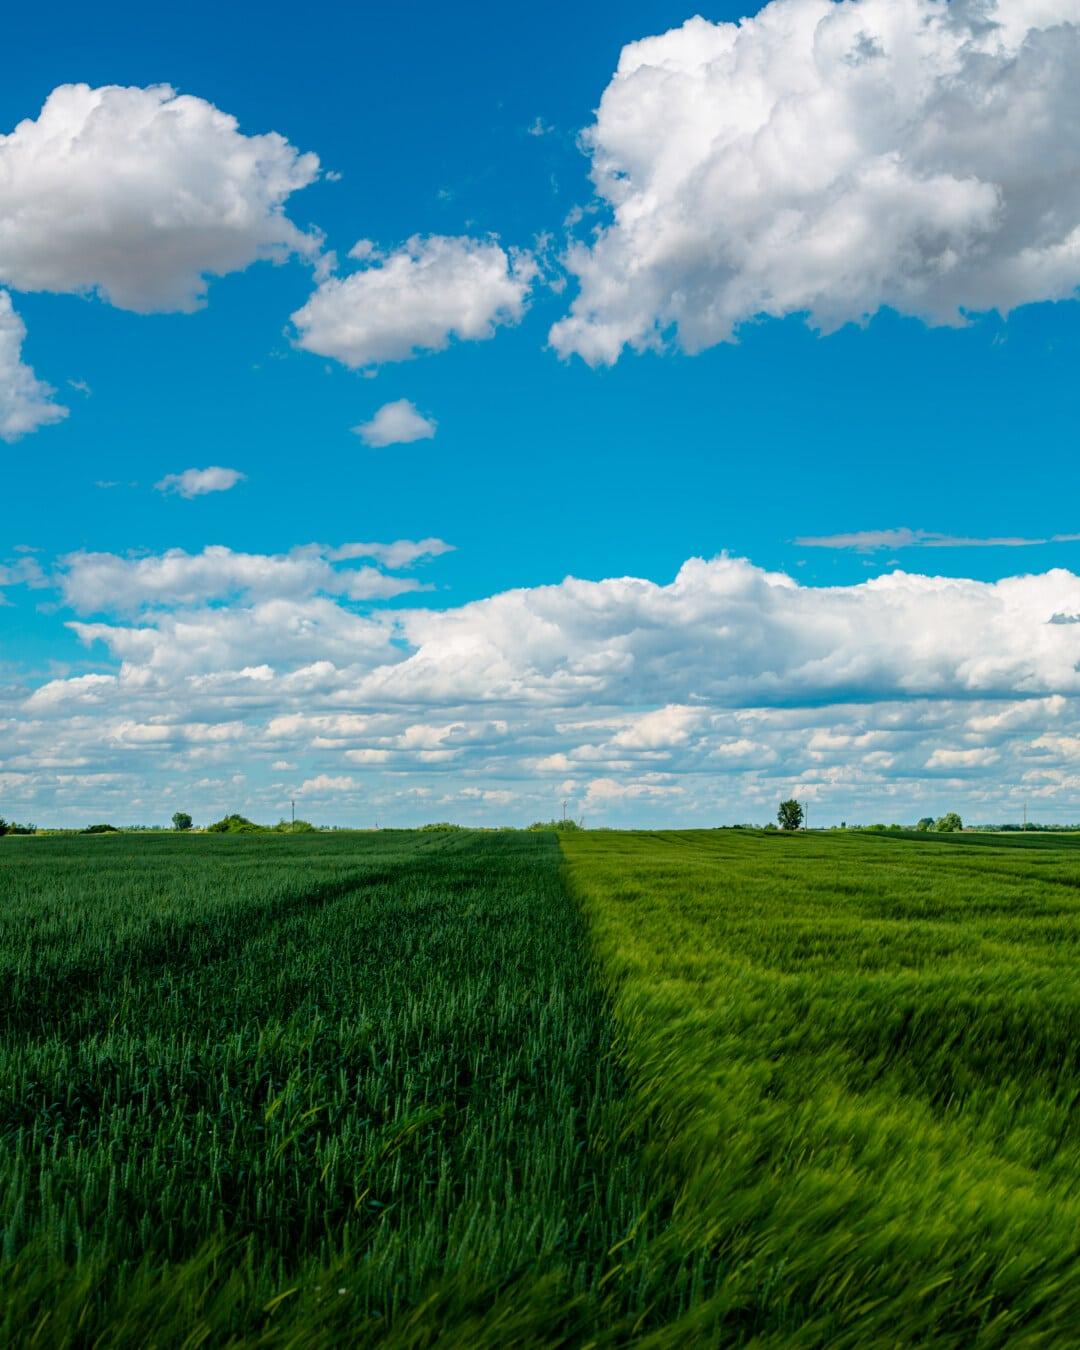 Weizenfeld, Ackerland, Roggen, Schönwetter, Frühling, idyllisch, Wolken, Wiese, Wolke, des ländlichen Raums